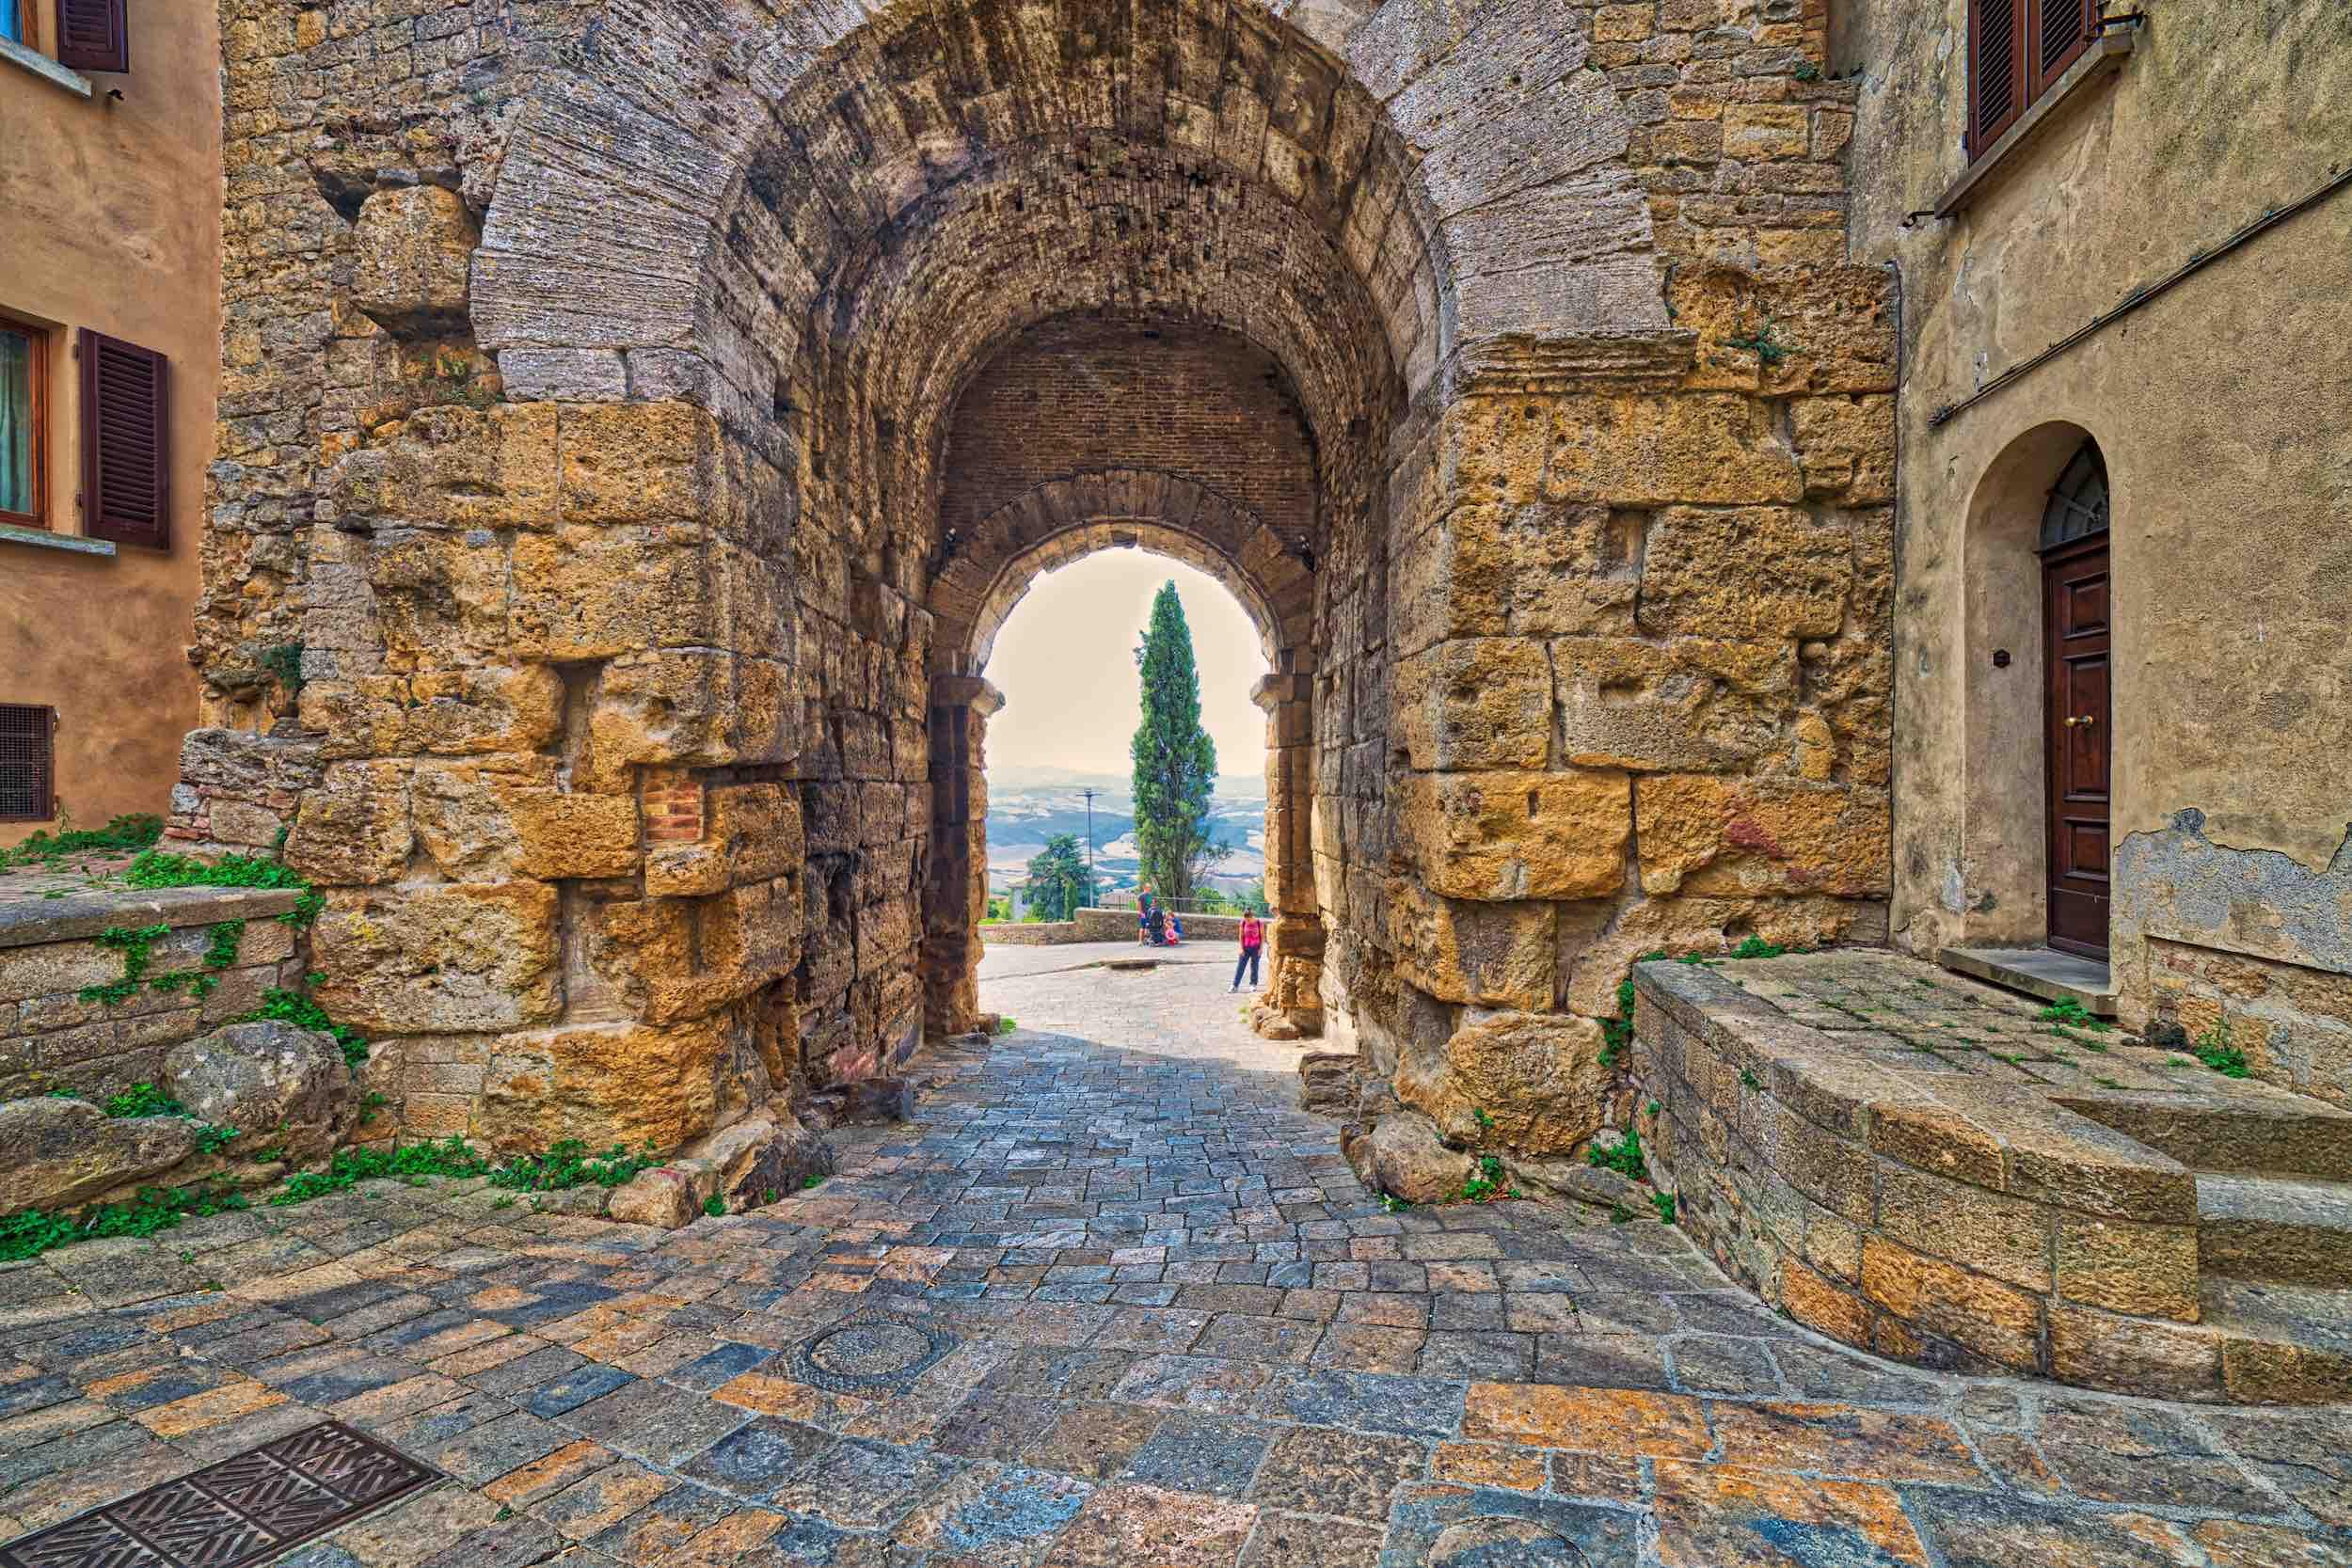 Una ricerca condotta alla fine del 2018 ci dice che Siena è la quarta città più vivibile d'Italia. Ma, in generale, come si vive in Toscana?